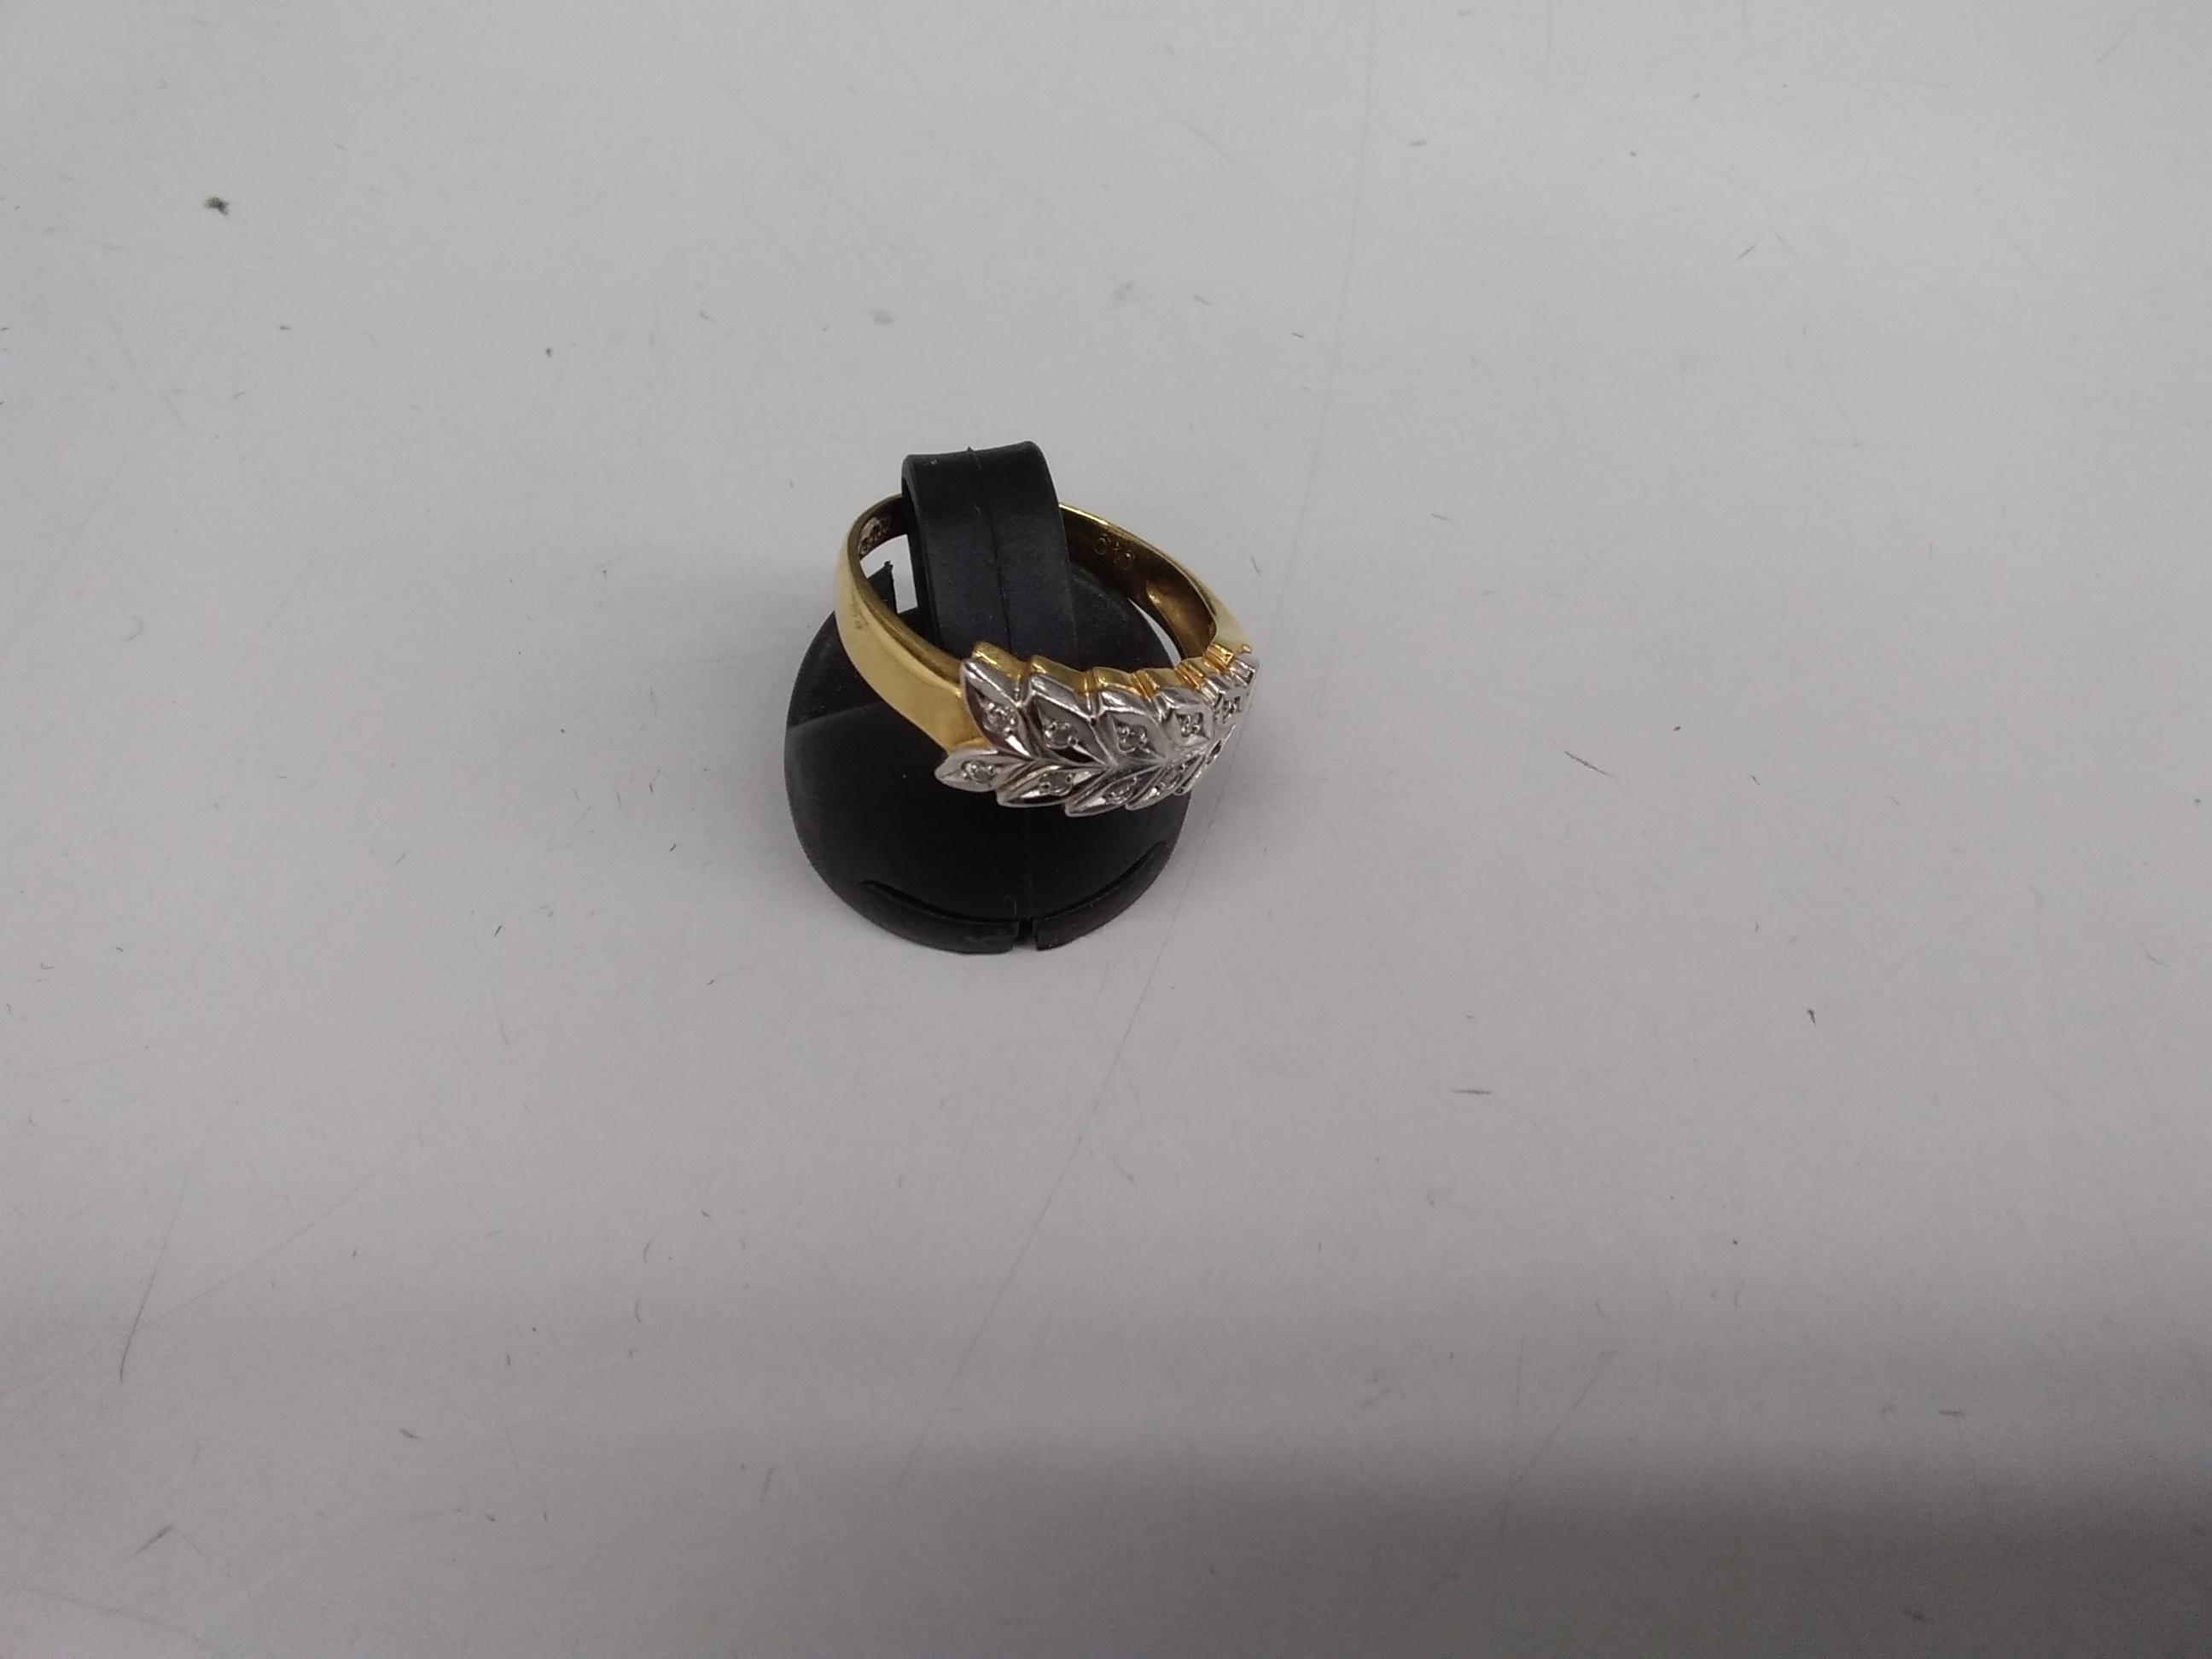 K18PT 900石付きリング k18pt900